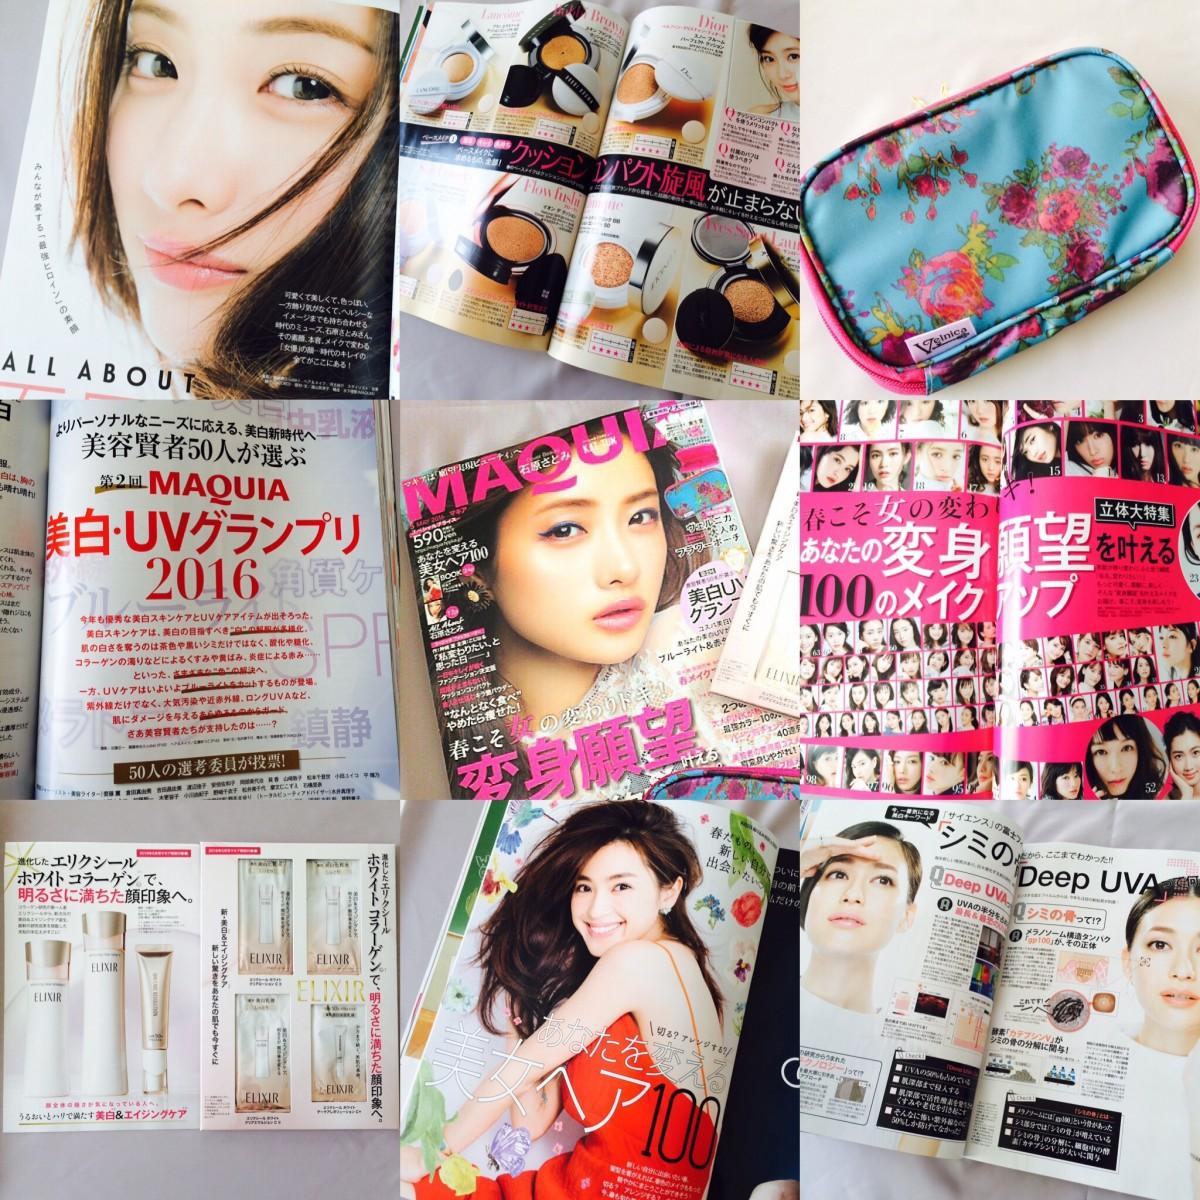 【発売中】MAQUIA5月号はアナタの春イメチェン&美白UV対策を徹底後押し!モデルも付録も豪華です♡